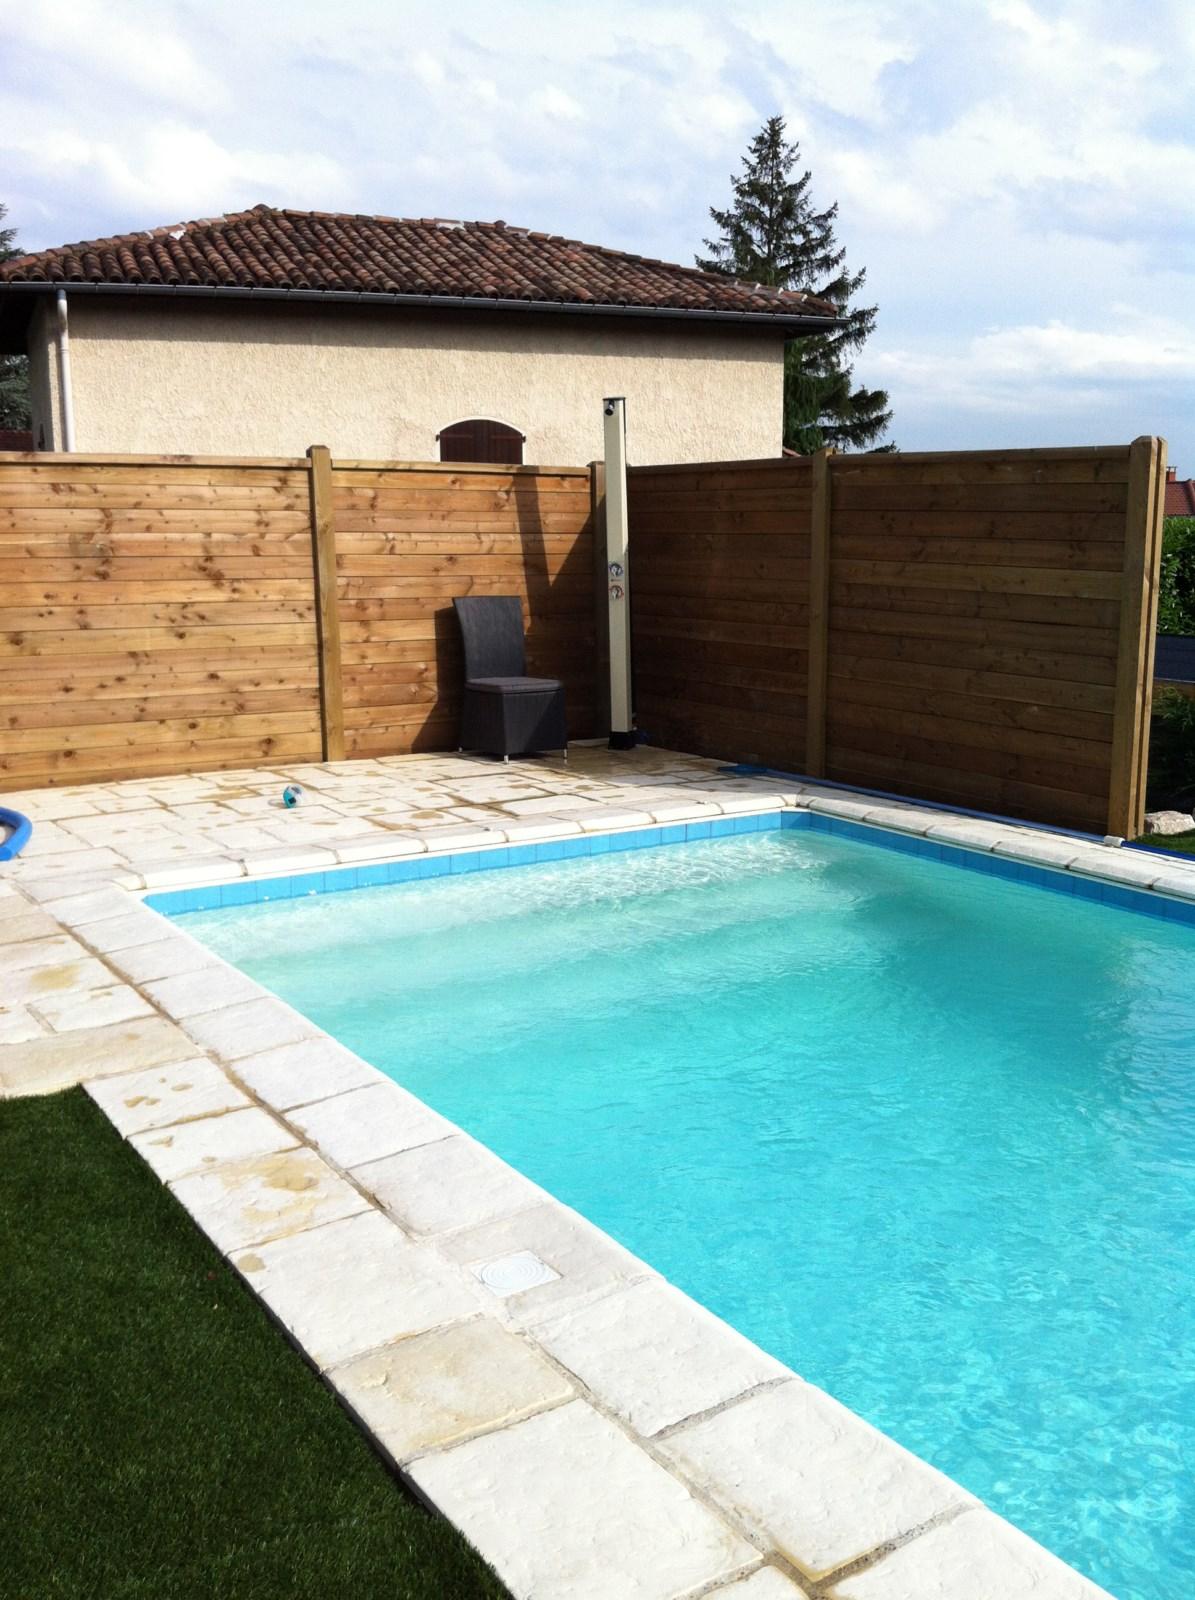 Trouver constructeur de piscine sur mesure lyon for Constructeur de piscine